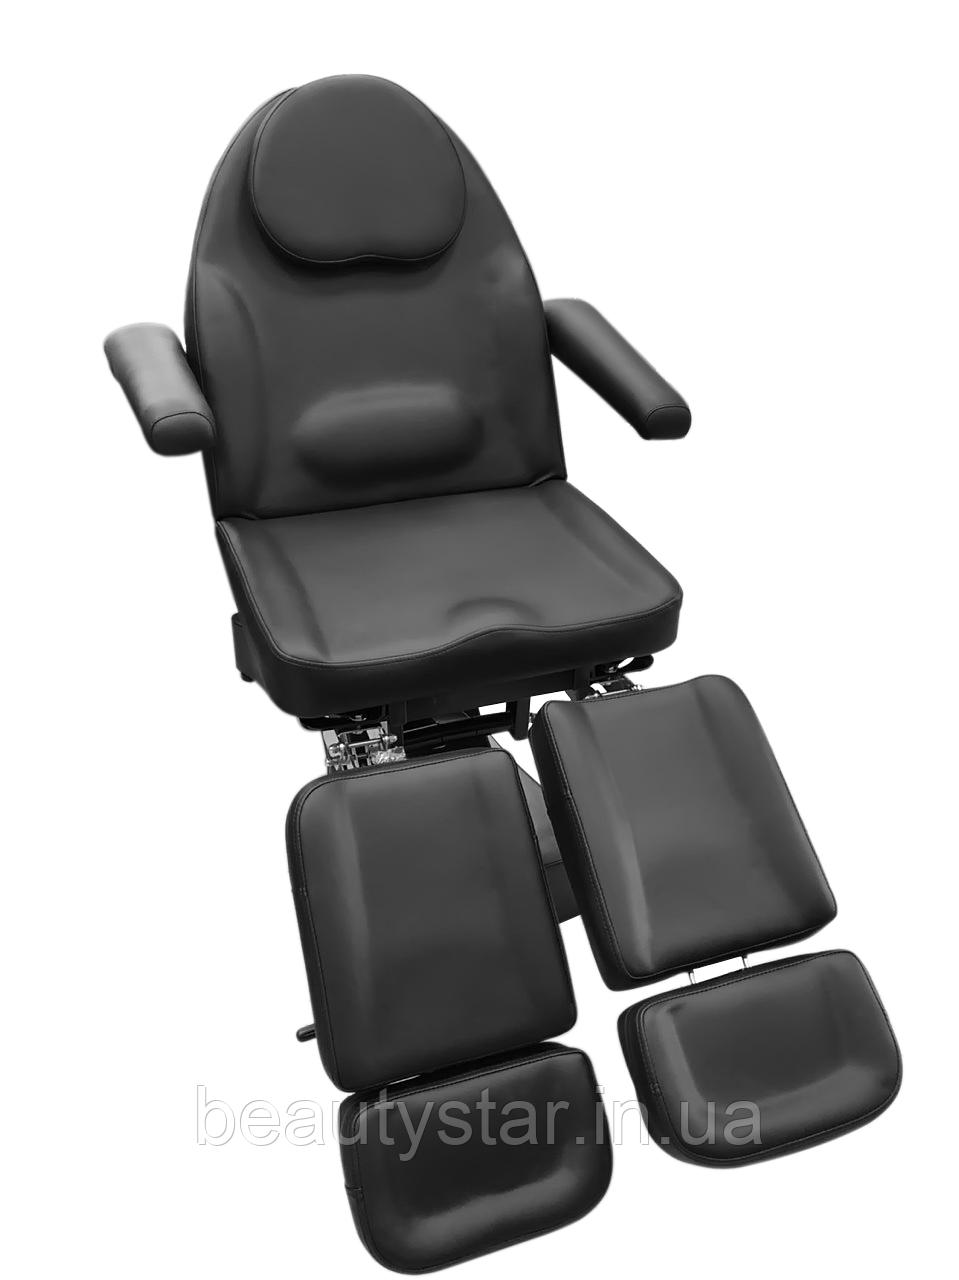 Крісло кушетка для педикюру 2222 (СН-2Н 2)